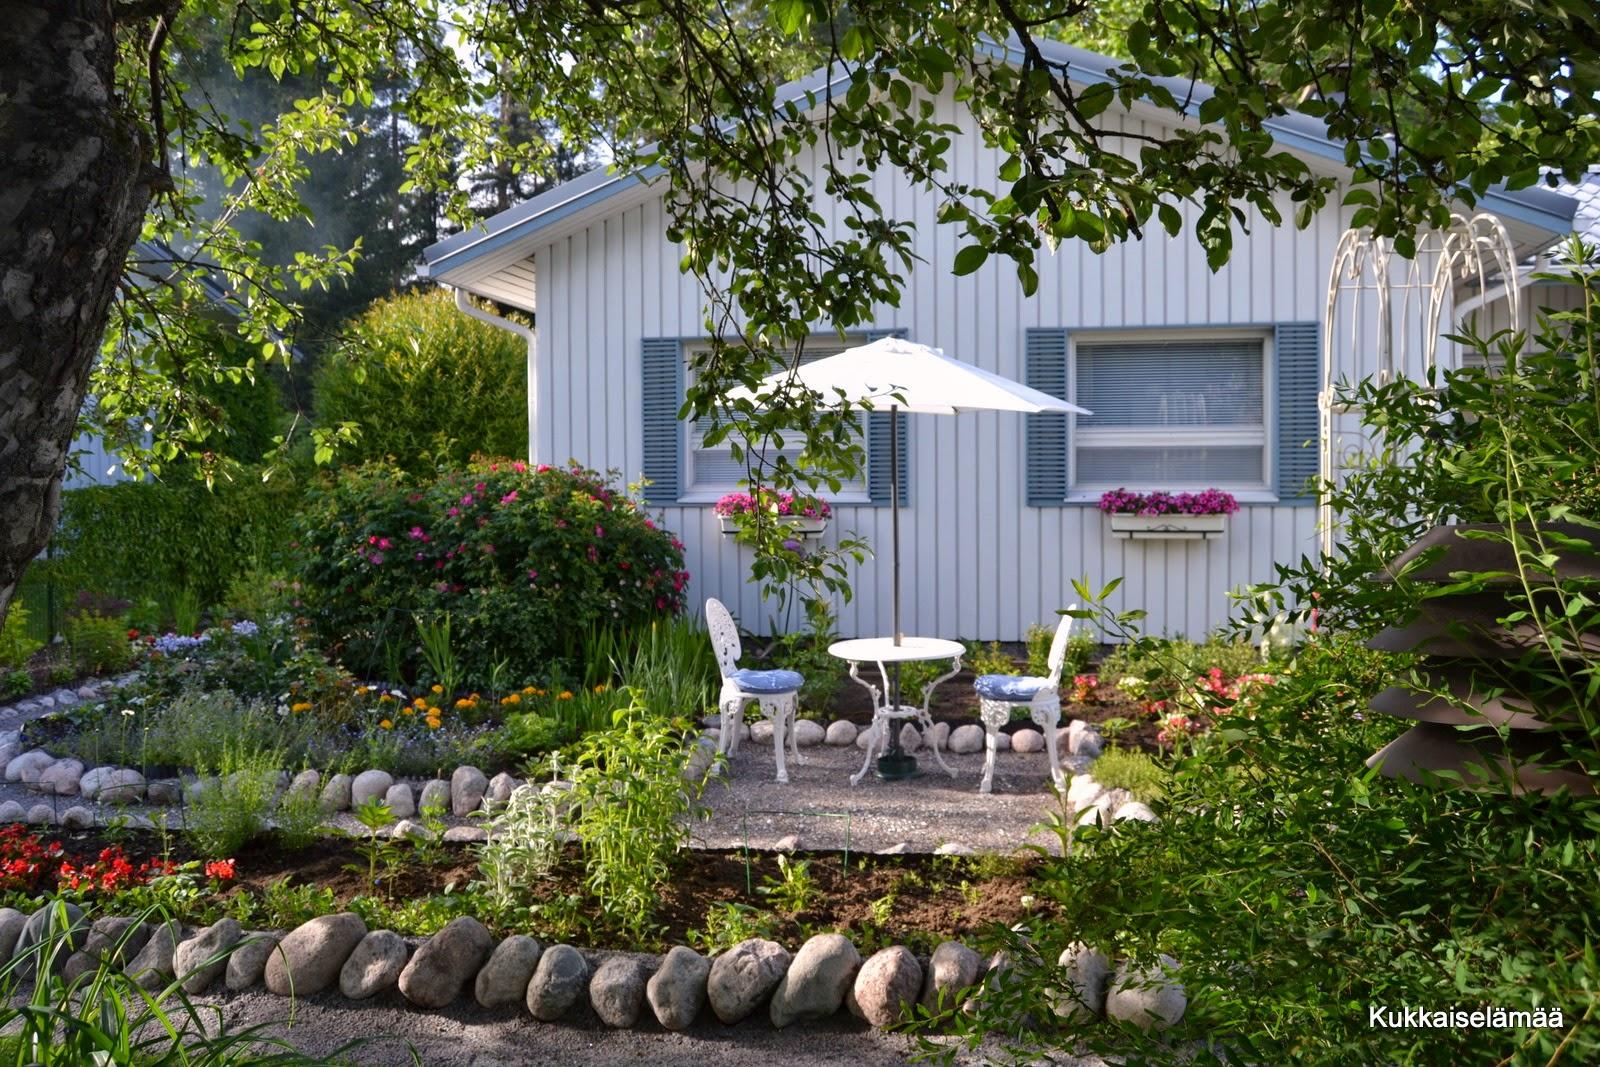 Tervetuloa vierailemaan puutarhassamme sunnuntaina 29.6.2014